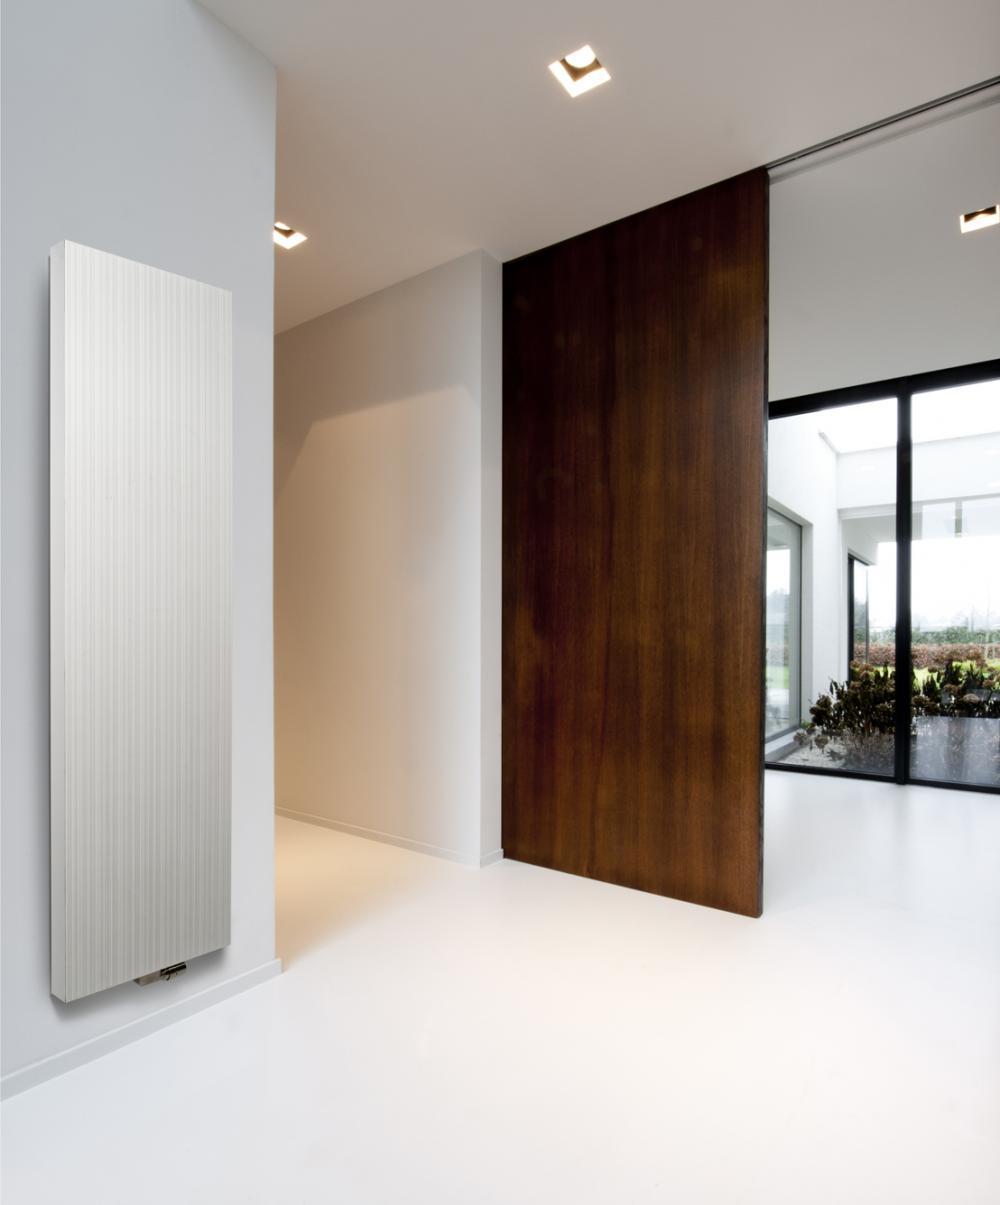 Calorifere decorative aluminiu Vasco Bryce 2200x600 mm, 2590 W